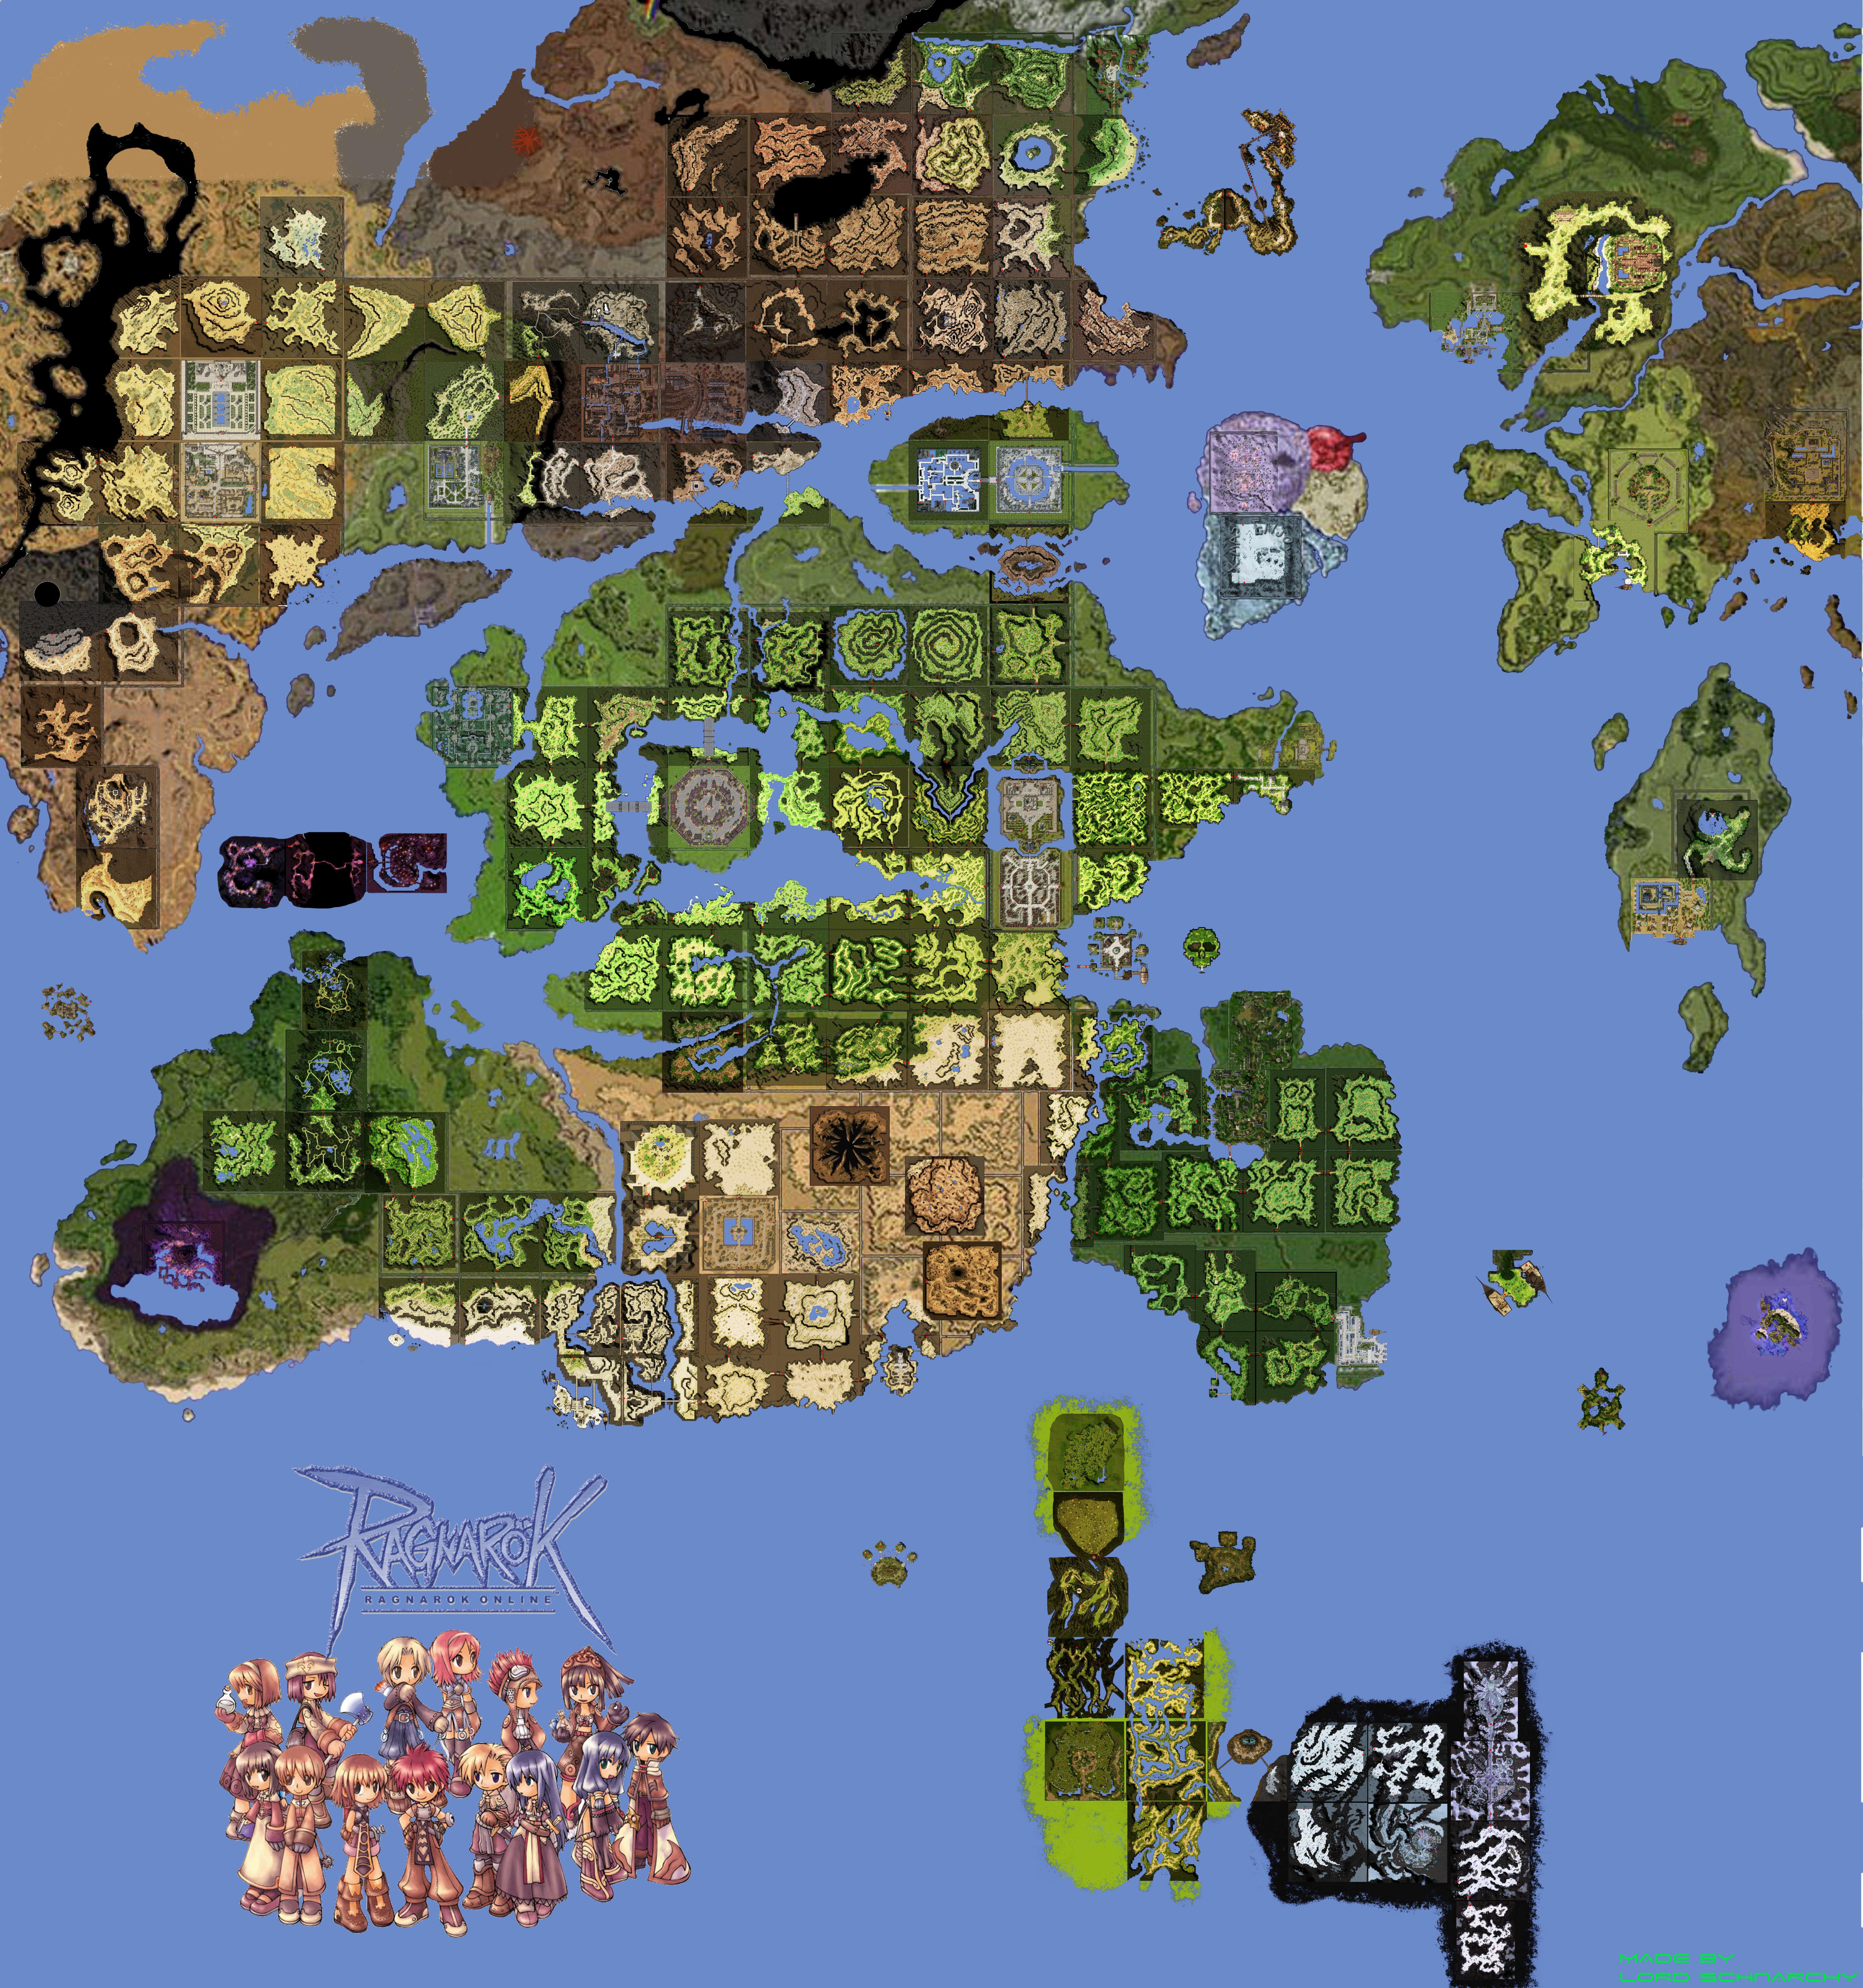 Map Of The World Online.Wallpaper World Map The World Online Light Novel Ragnarok